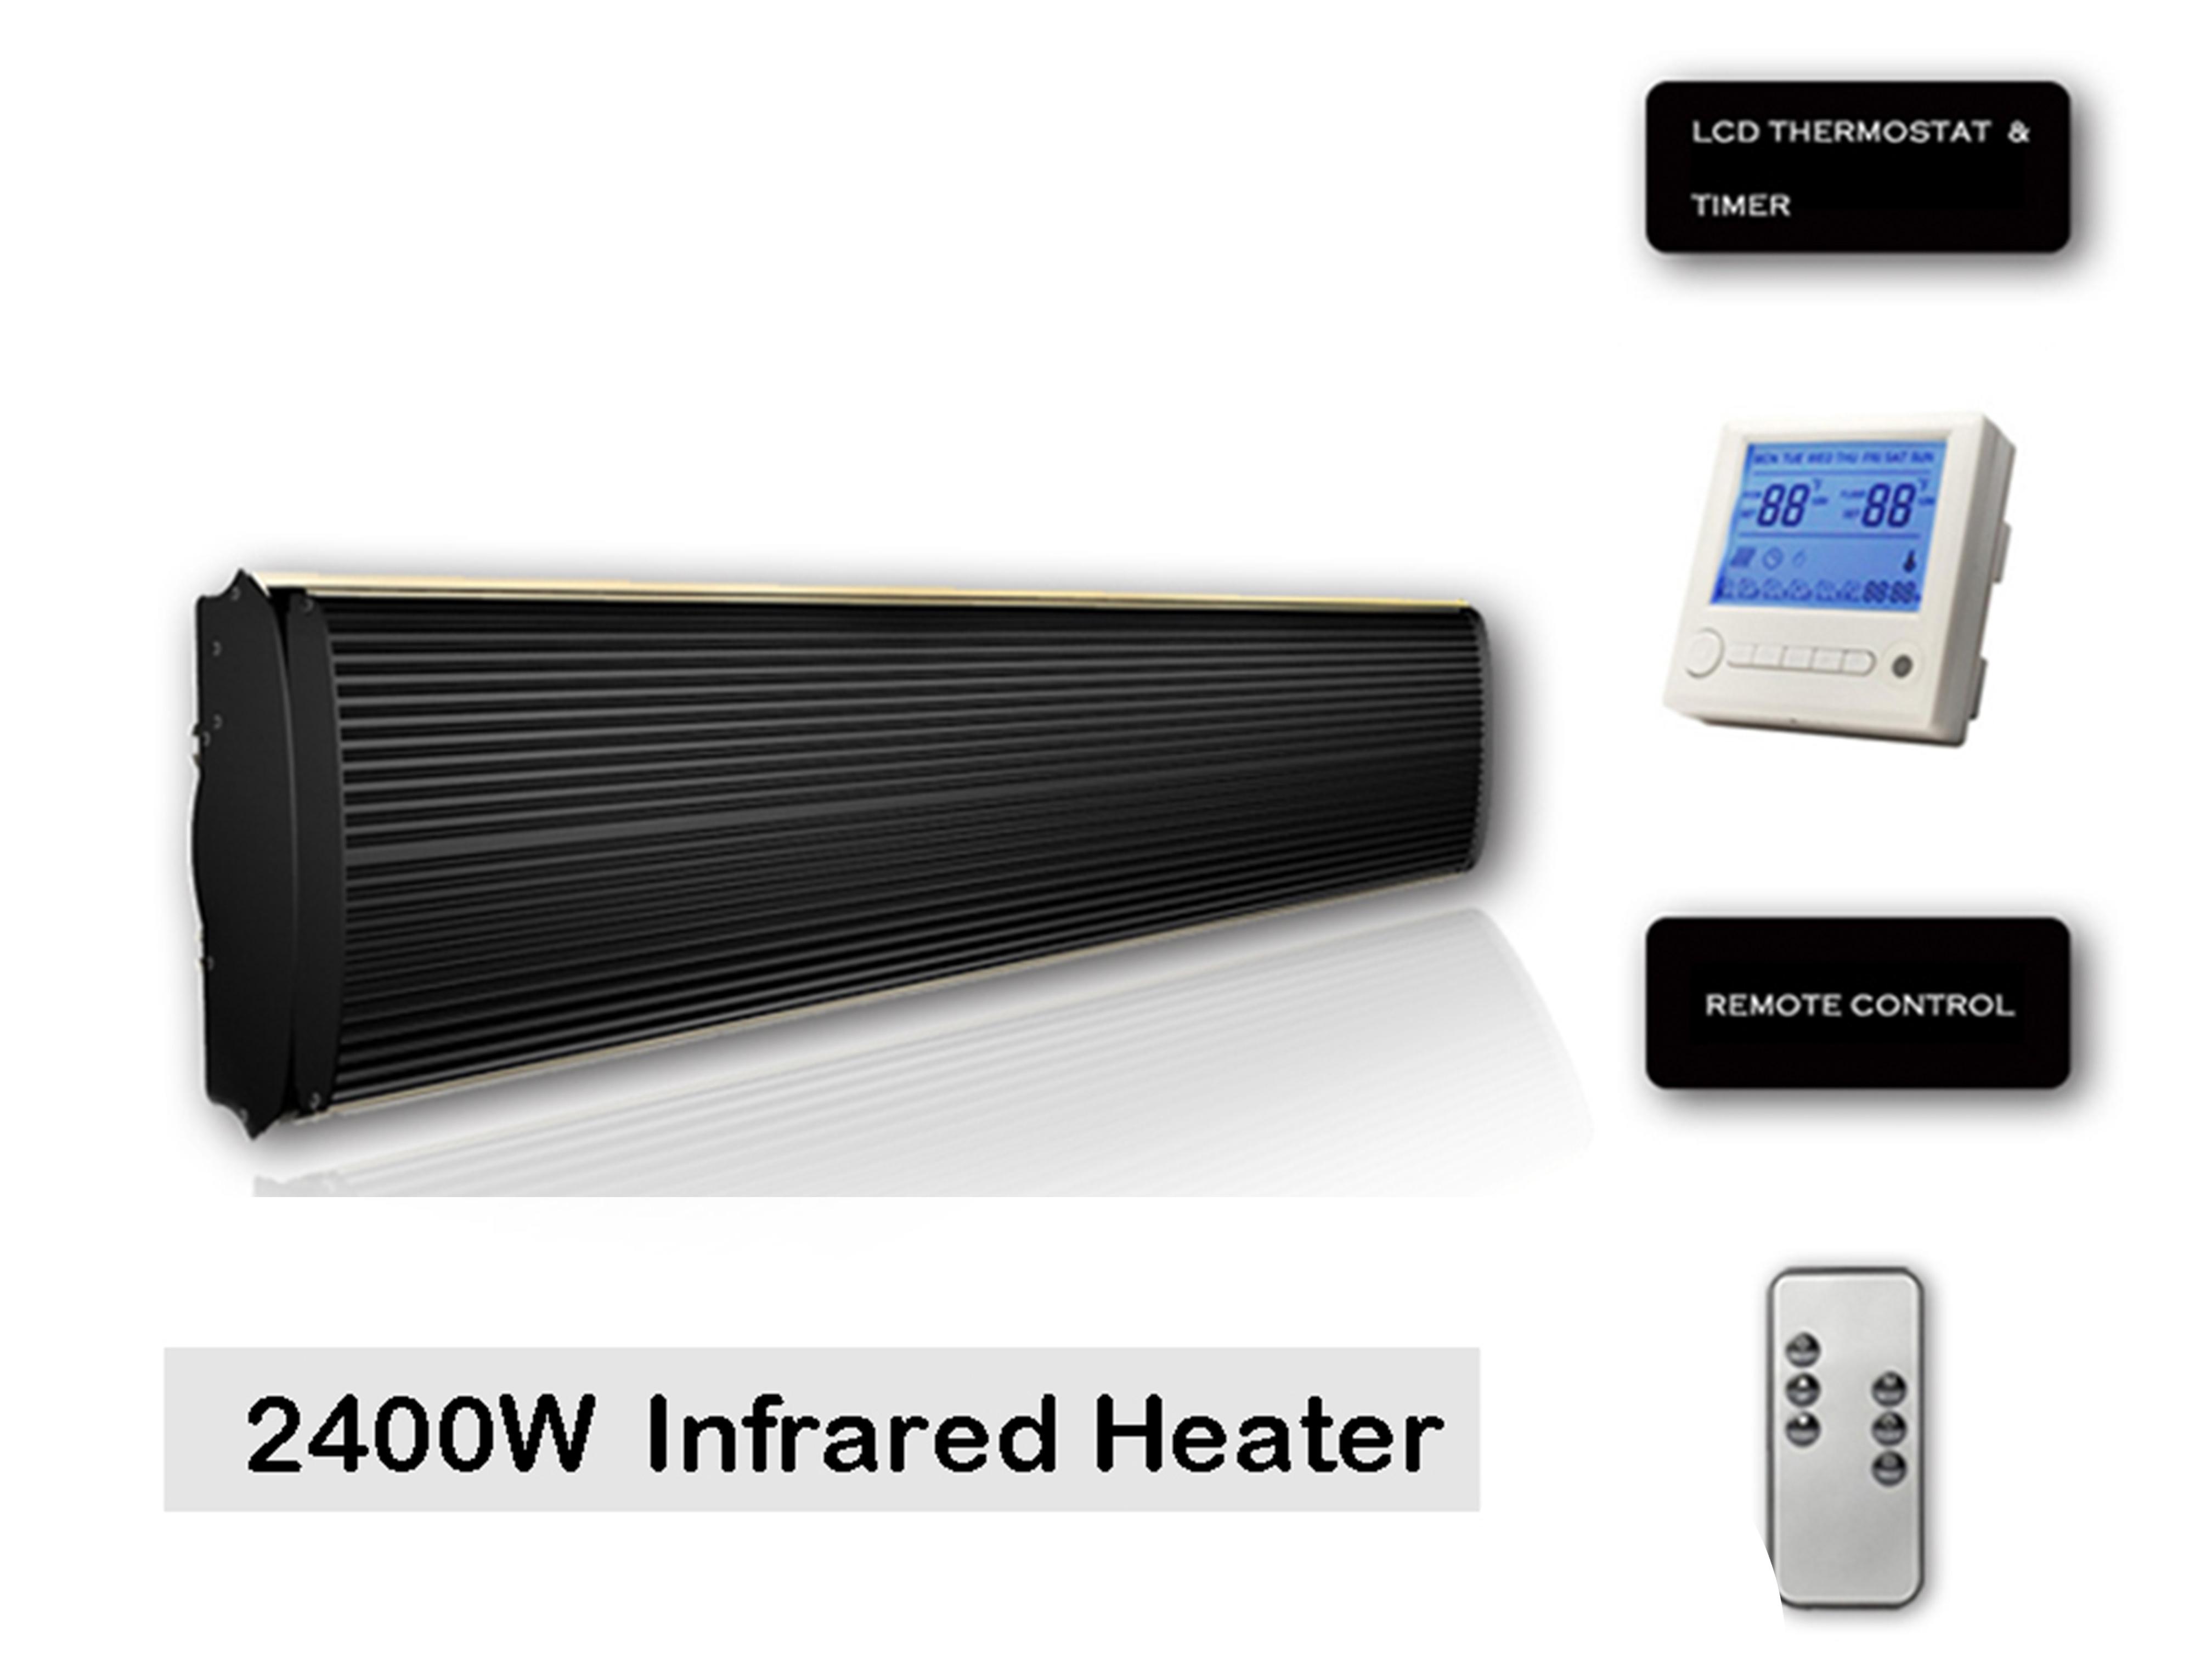 2400W infrared heater